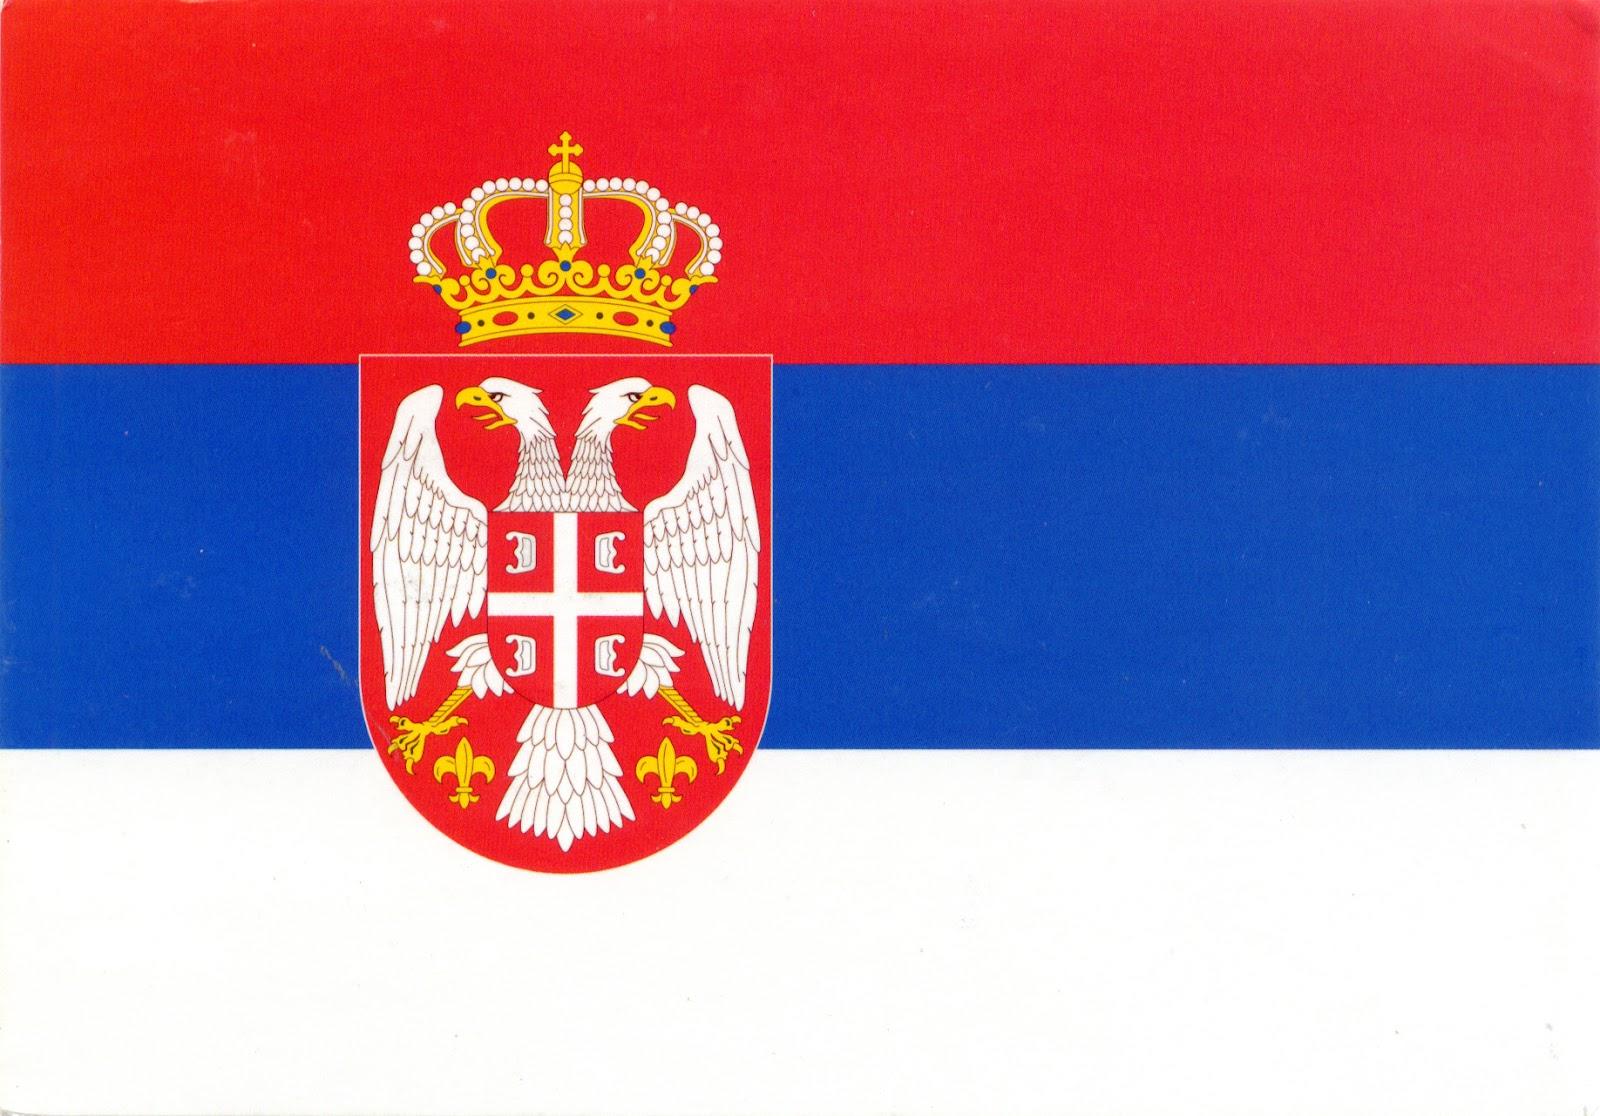 Risultato immagine per bandiera serbia